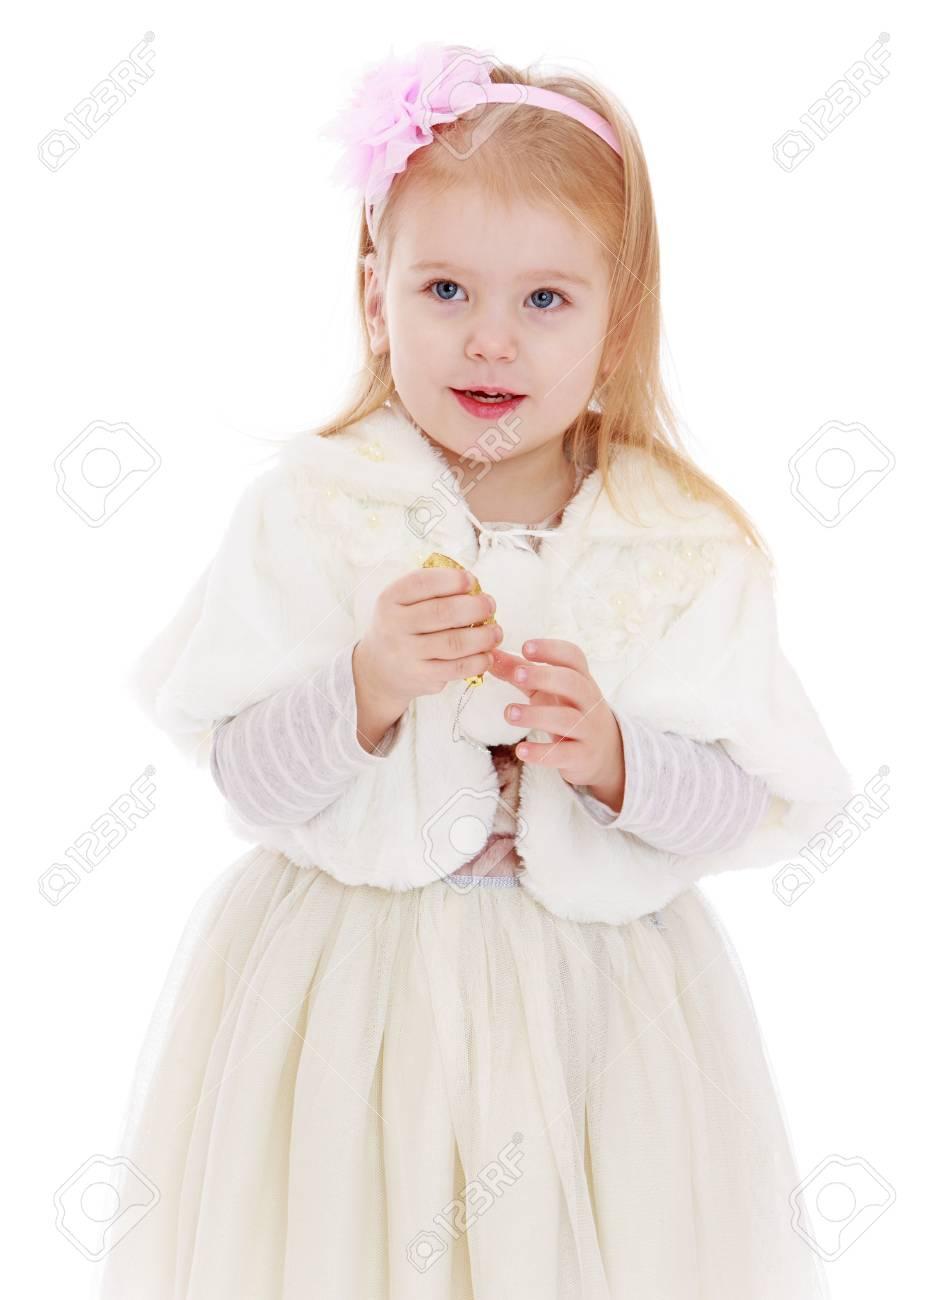 Schöne Kleine Blonde Mädchen Mit Bogen Stirnband Auf Dem Kopf In ...